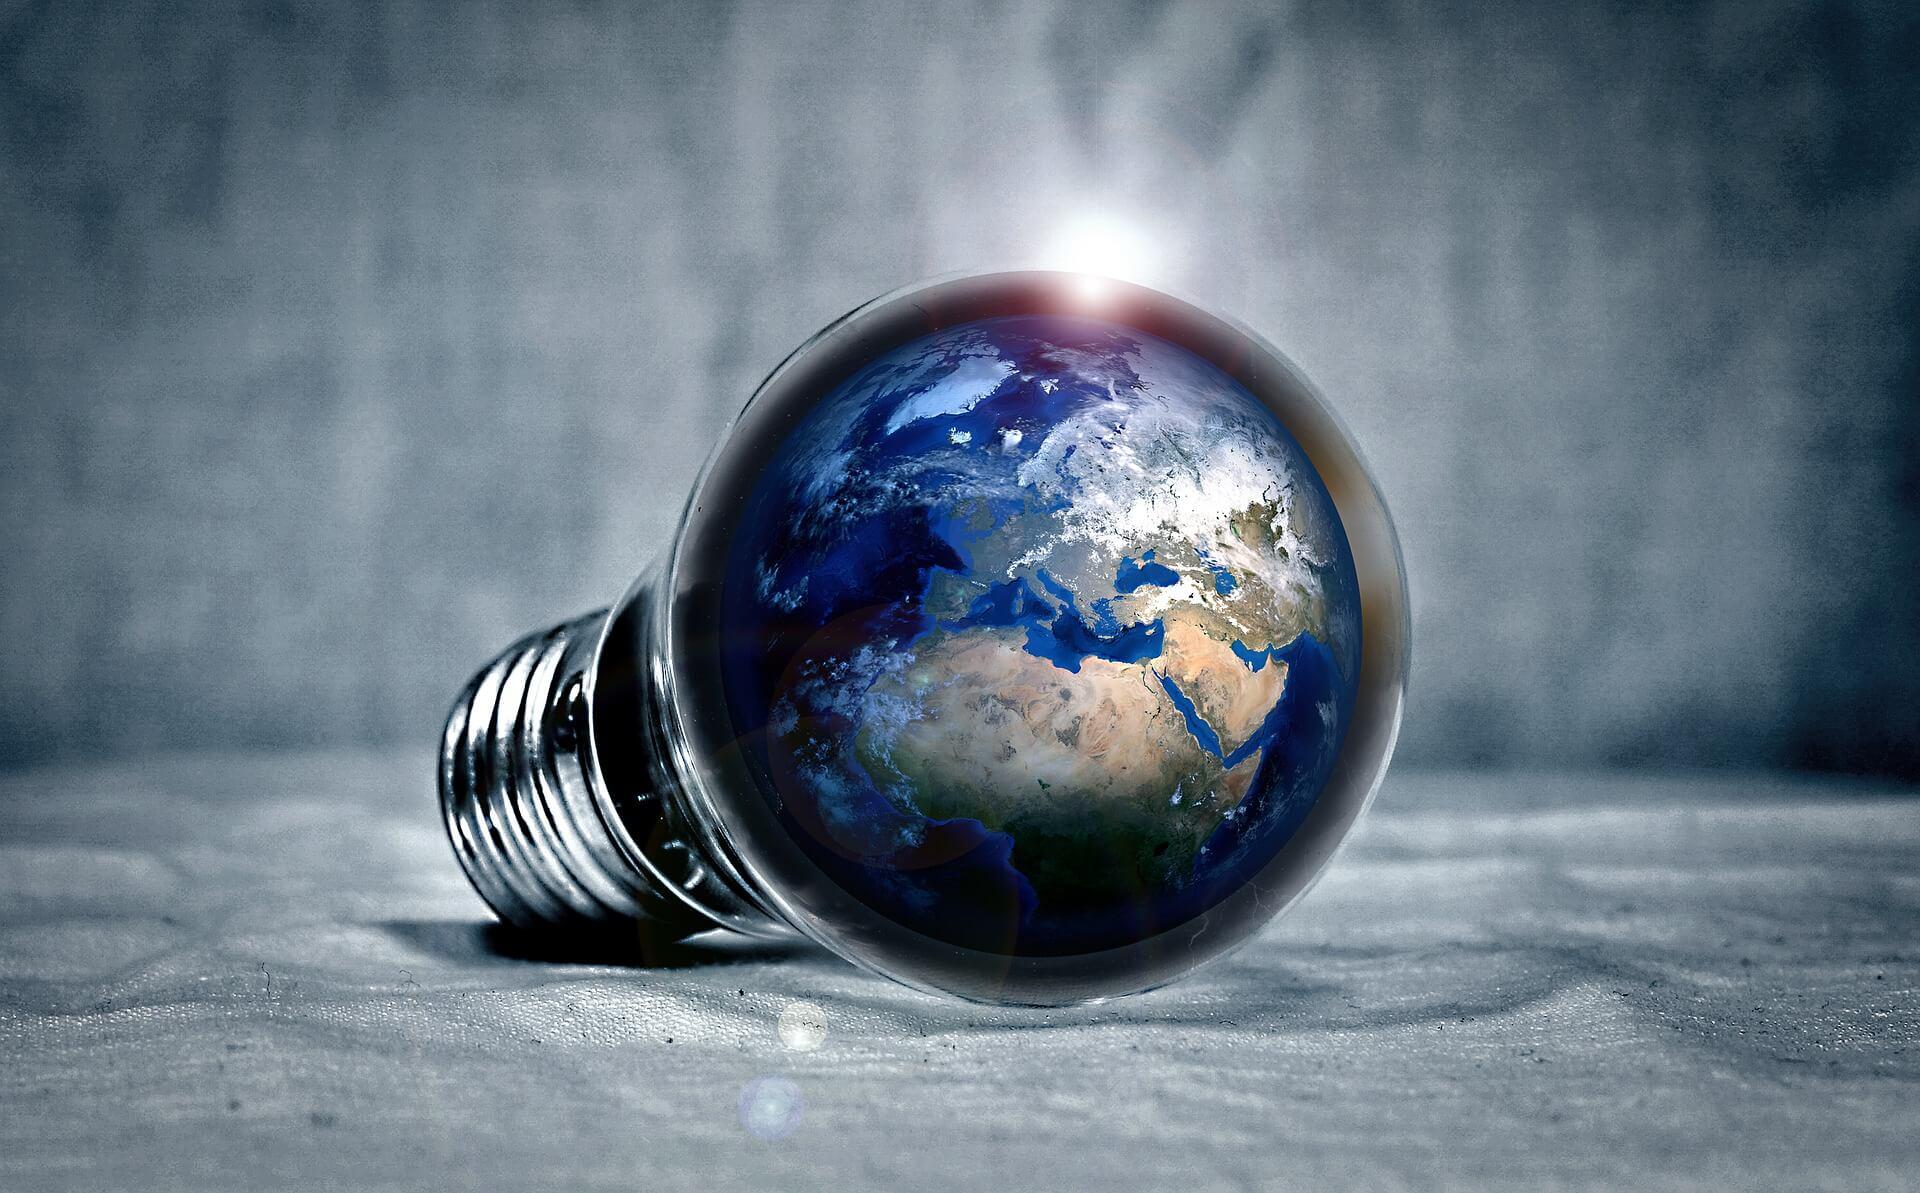 immagine del mondo racchiuso dentro ad una lampadina